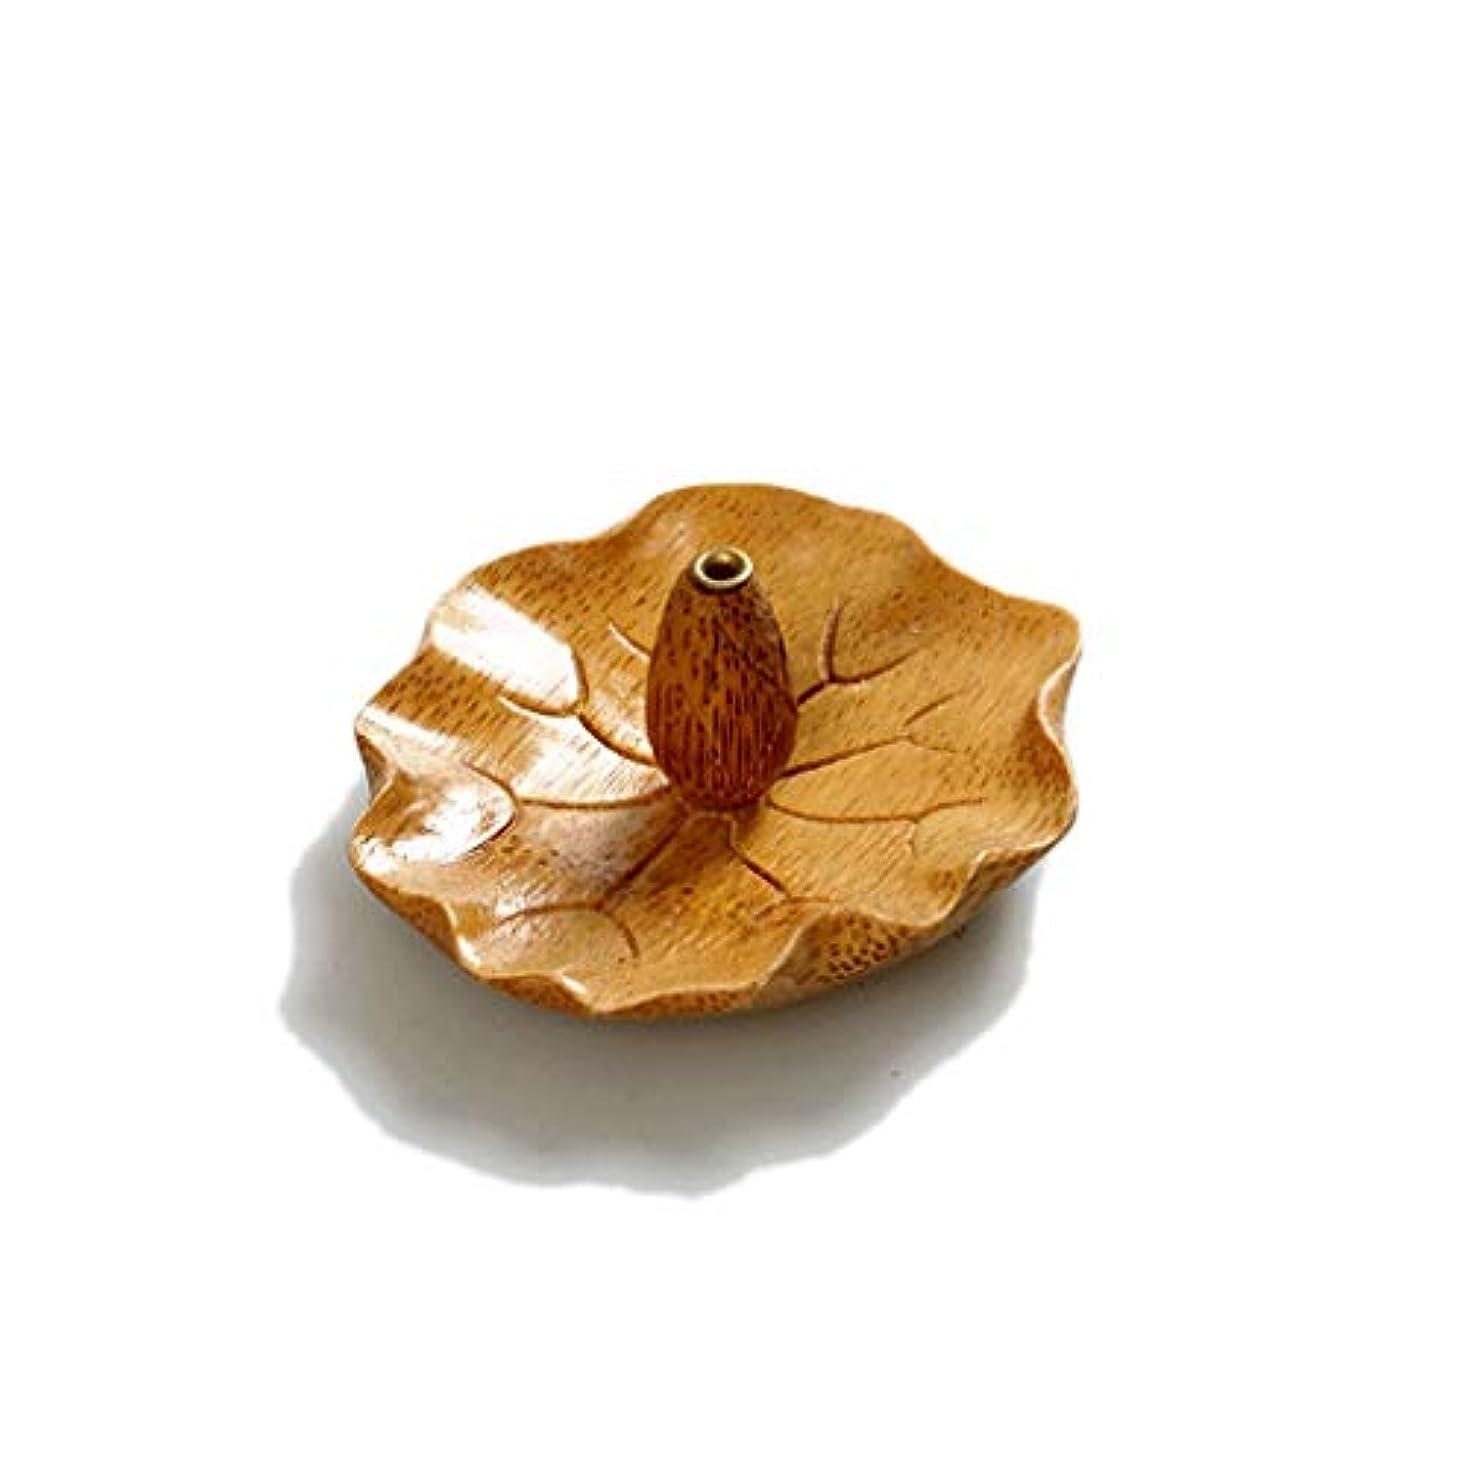 関係恒久的充実クリエイティブ竹香ホルダー瞑想香バーナー手作りの葉形の家の装飾香スティックコーンバーナーホルダー (Color : C)